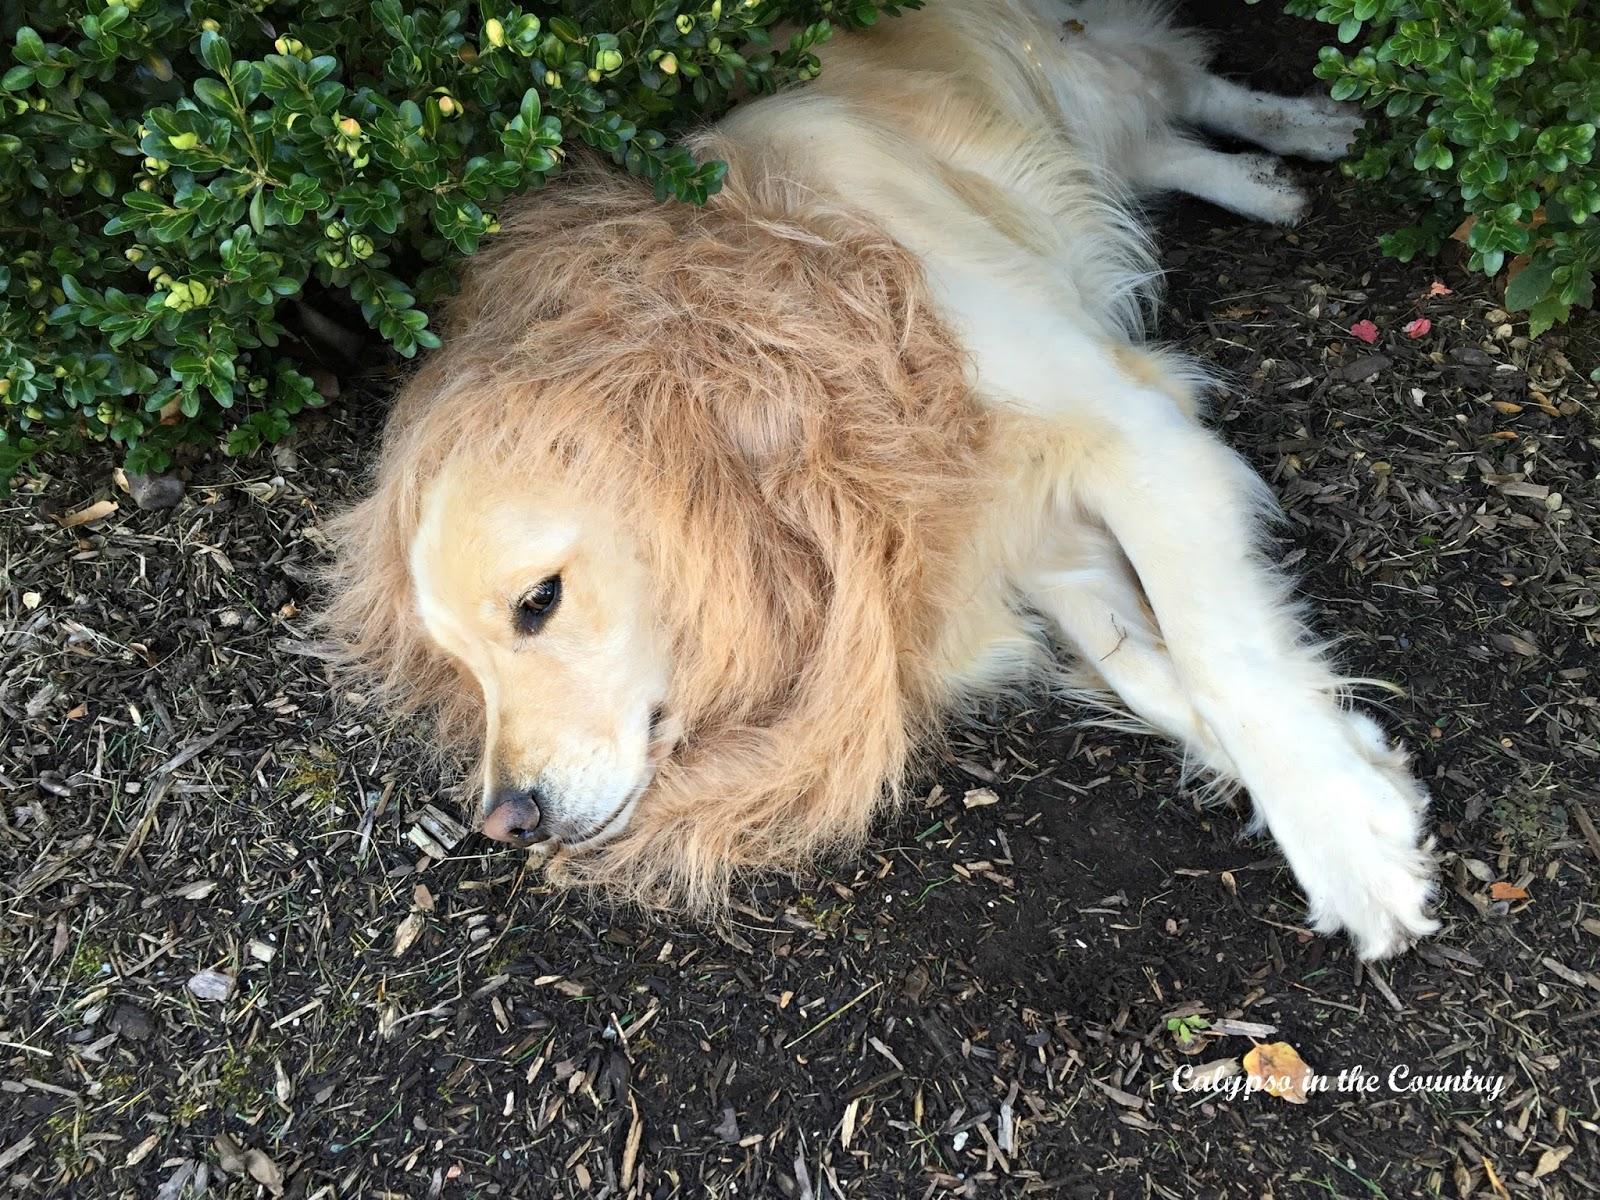 Lion Mane Costume for dog